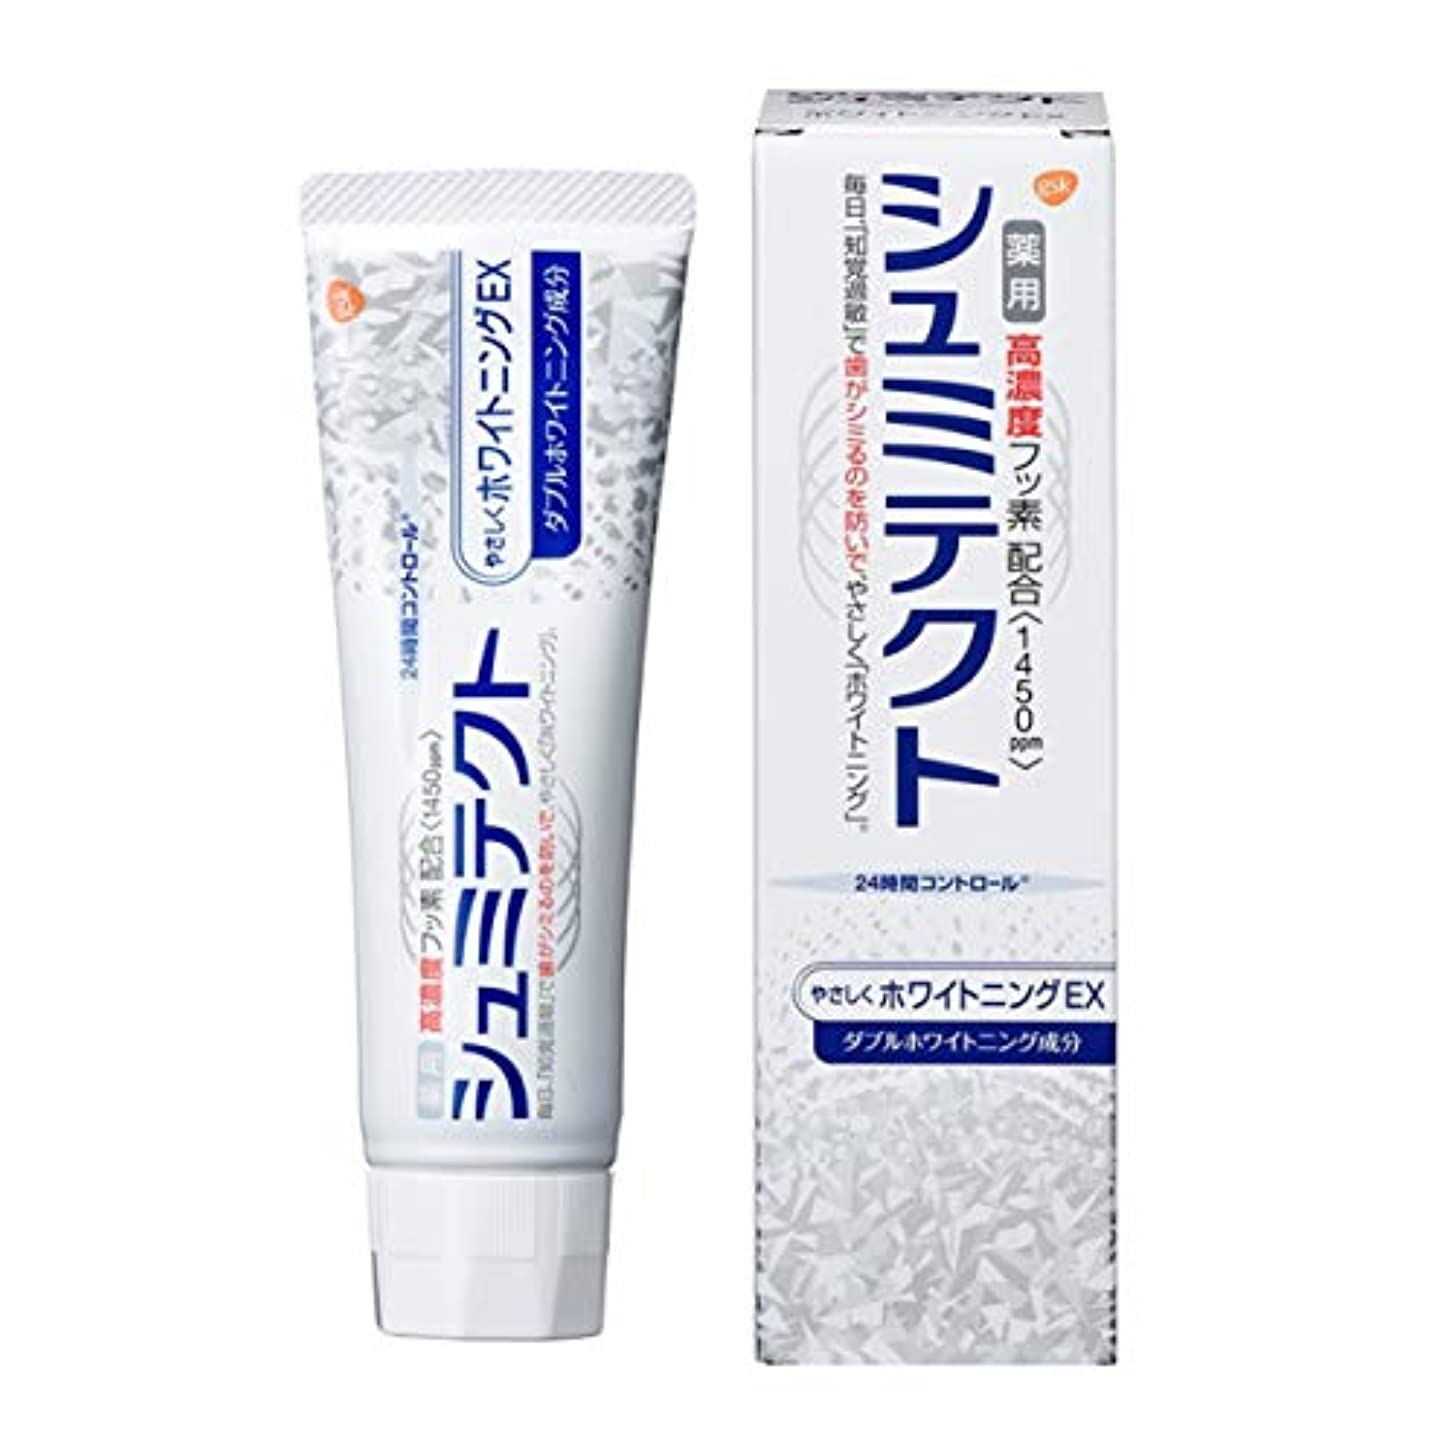 装備する一生によって[医薬部外品]薬用シュミテクト やさしくホワイトニングEX 高濃度フッ素配合 <1450ppm> 知覚過敏予防 歯磨き粉 単品 90g